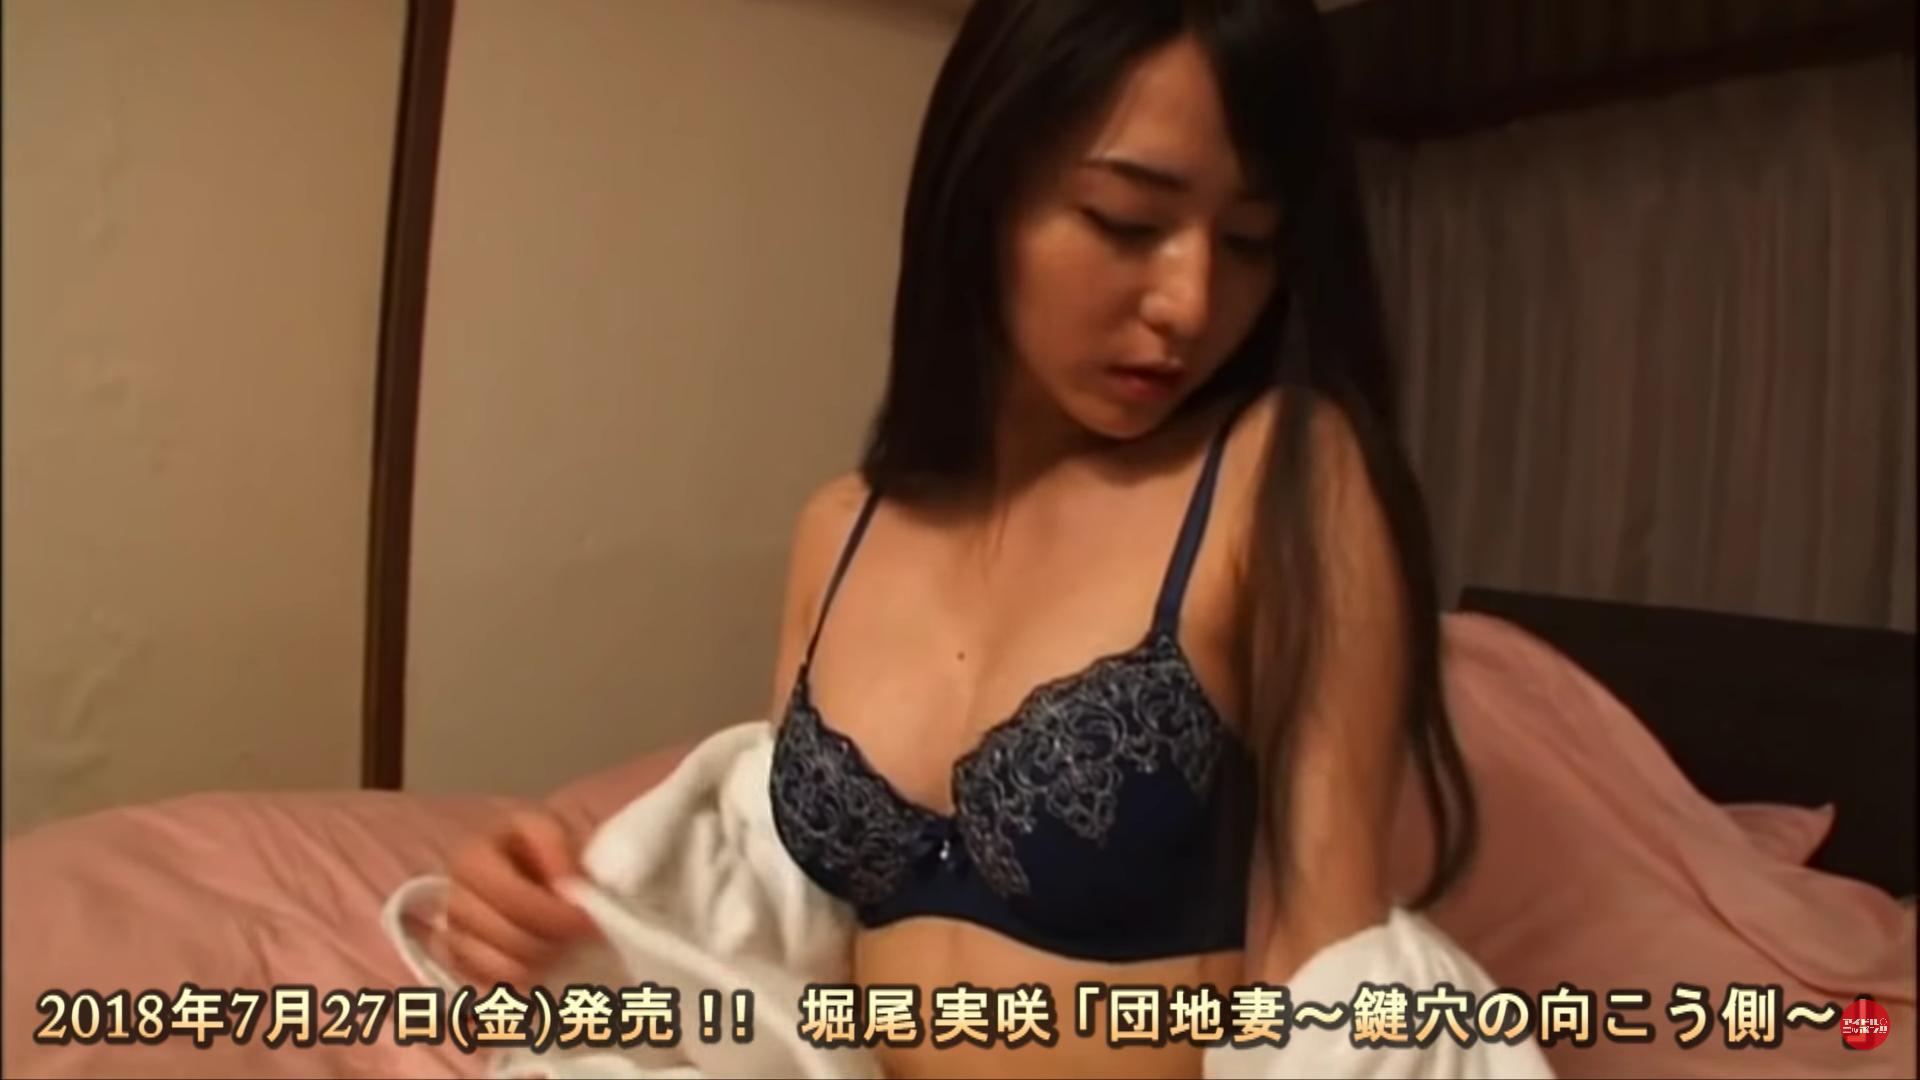 【堀尾実咲】Dカップ2 「団地妻~鍵穴の向こう側~」サンプル動画